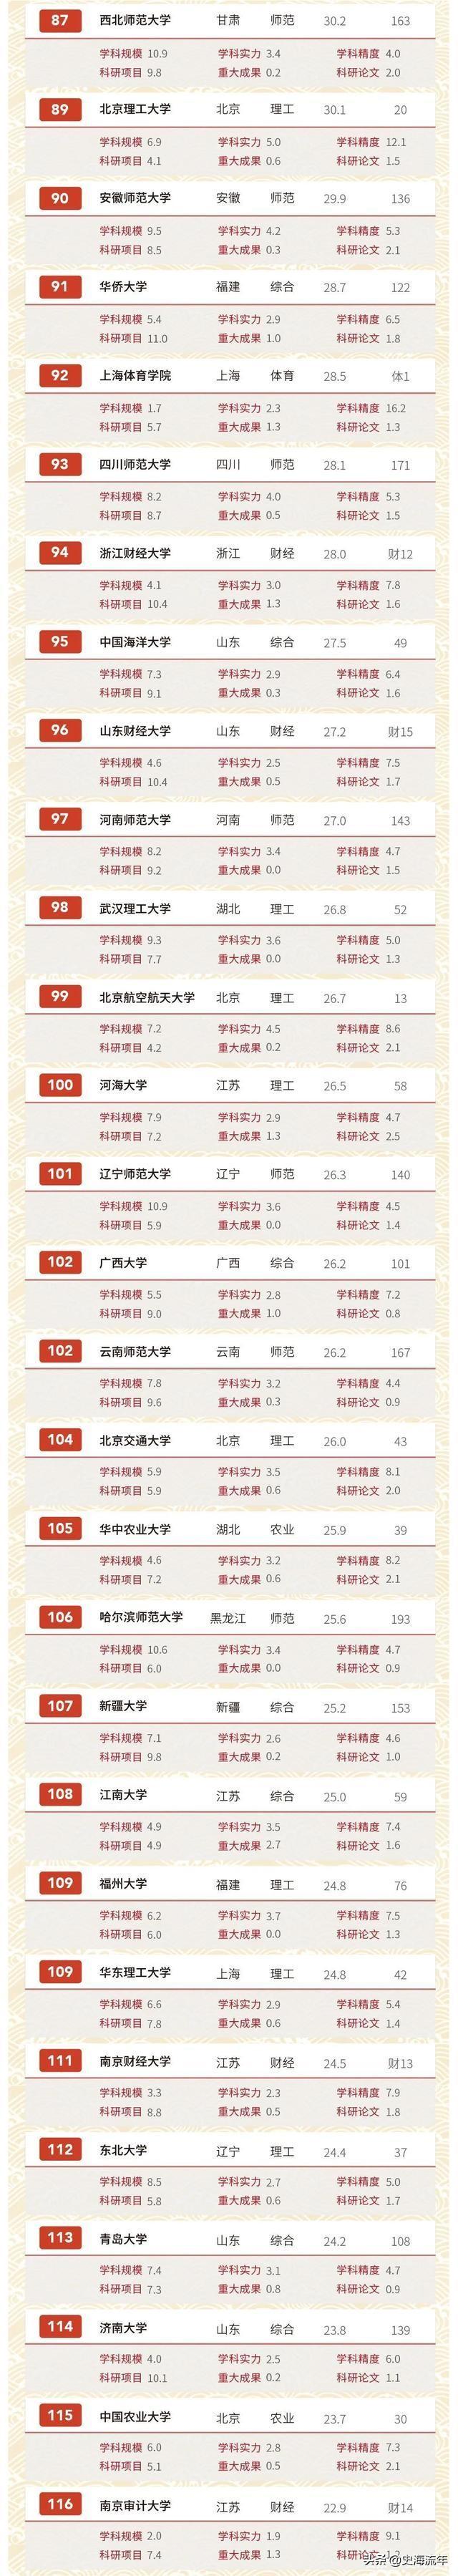 最新200所中国著名(211)大学排行榜:软科、文科、师范类